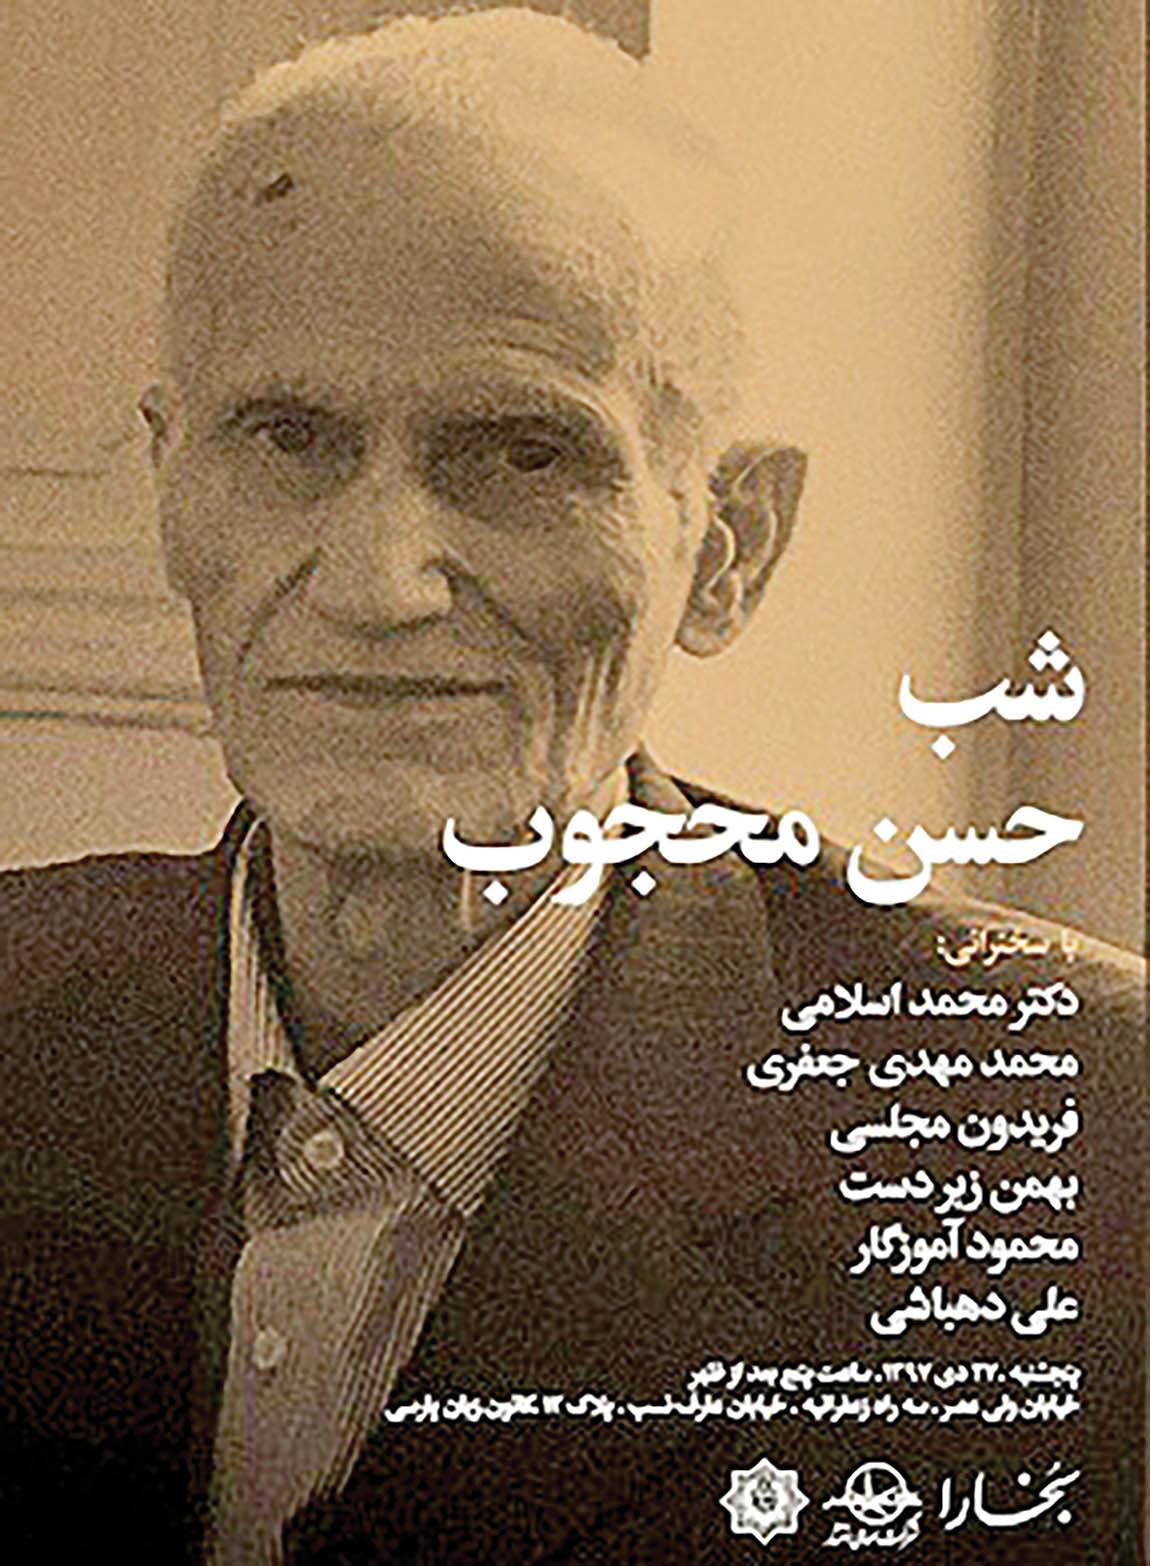 شب حسن محجوب در بنیاد موقوفات افشار